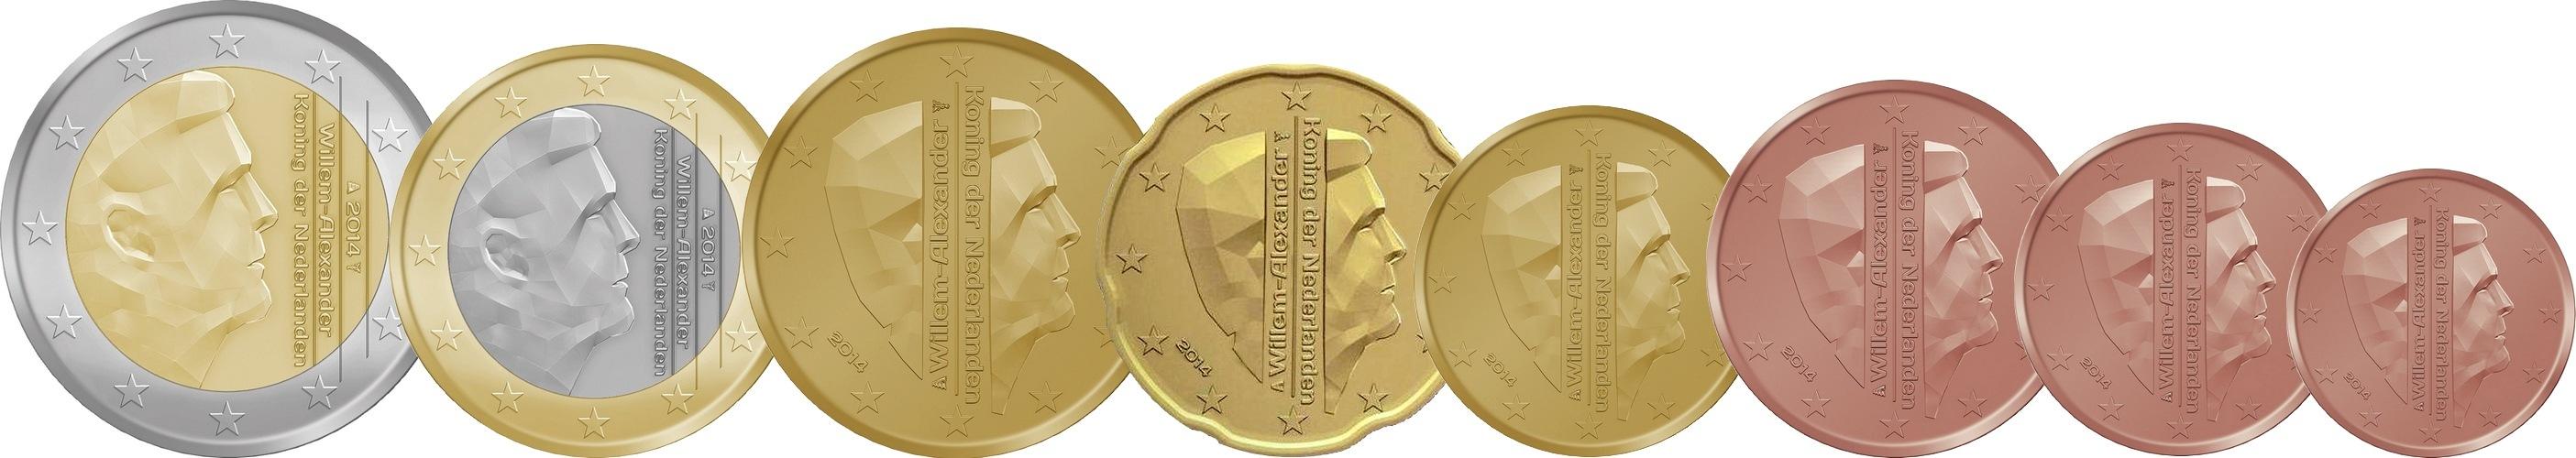 куплю монеты в северодвинске